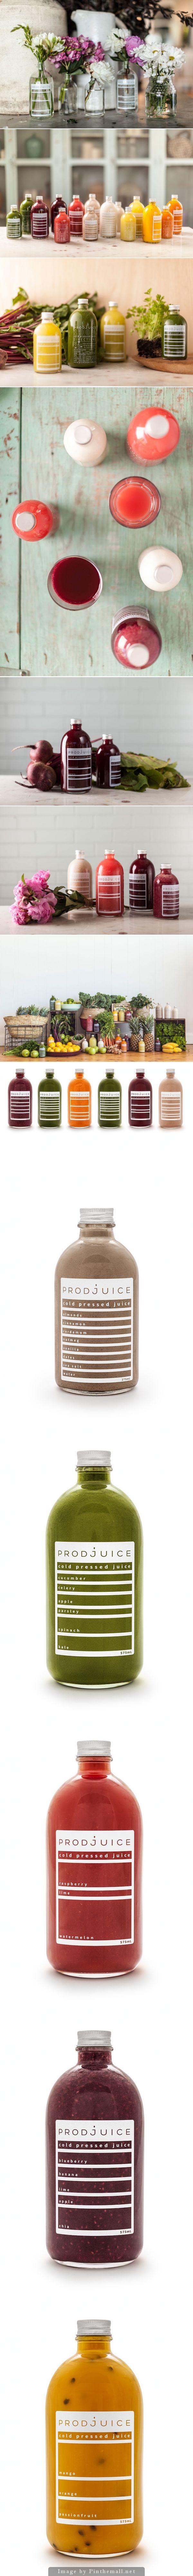 Prodjuice: A Cold Pressed Juice